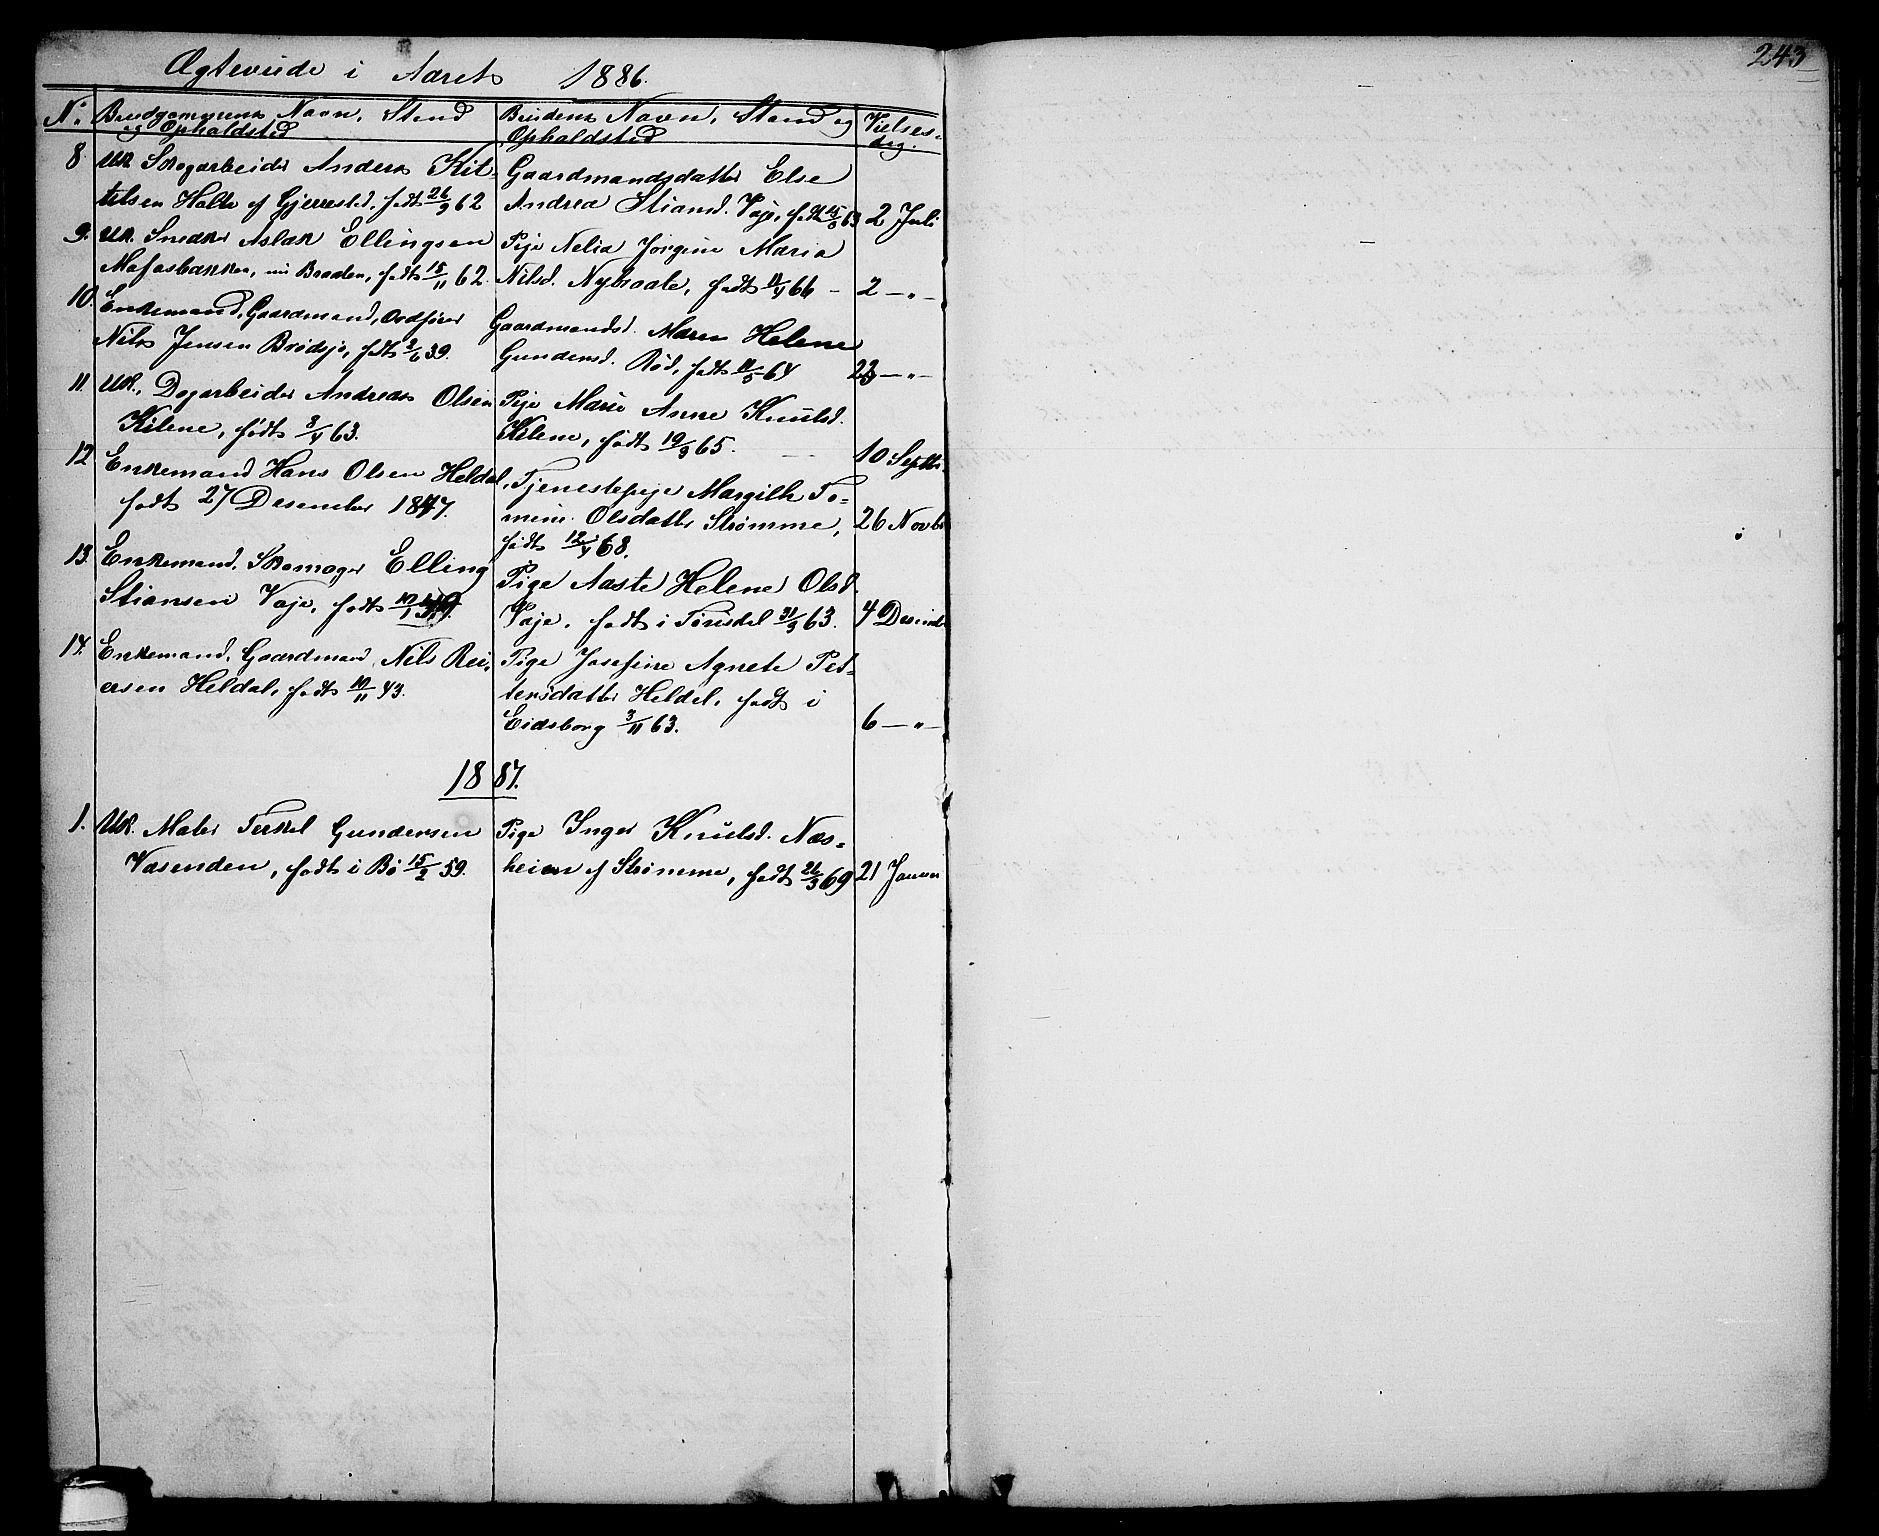 SAKO, Drangedal kirkebøker, G/Ga/L0002: Klokkerbok nr. I 2, 1856-1887, s. 243